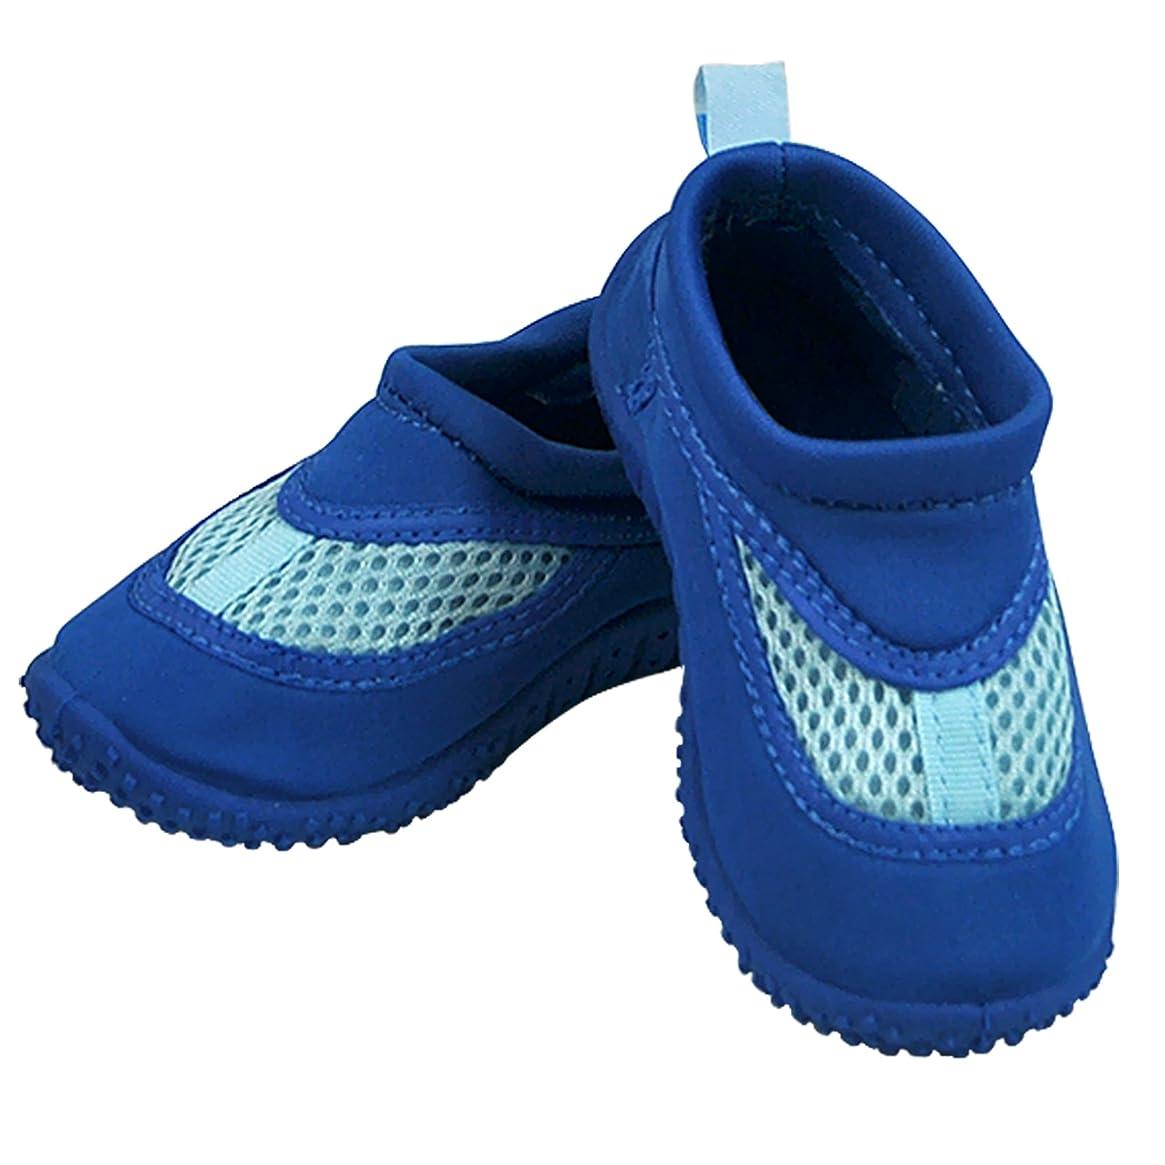 疎外退化するこするI play(アイプレイ) ウォーターシューズ シューズ マリンシューズ スリッポン メッシュ 通気性 速乾性 ネオプレン water shoes Royal Blue US6:14cm 706301-620-62